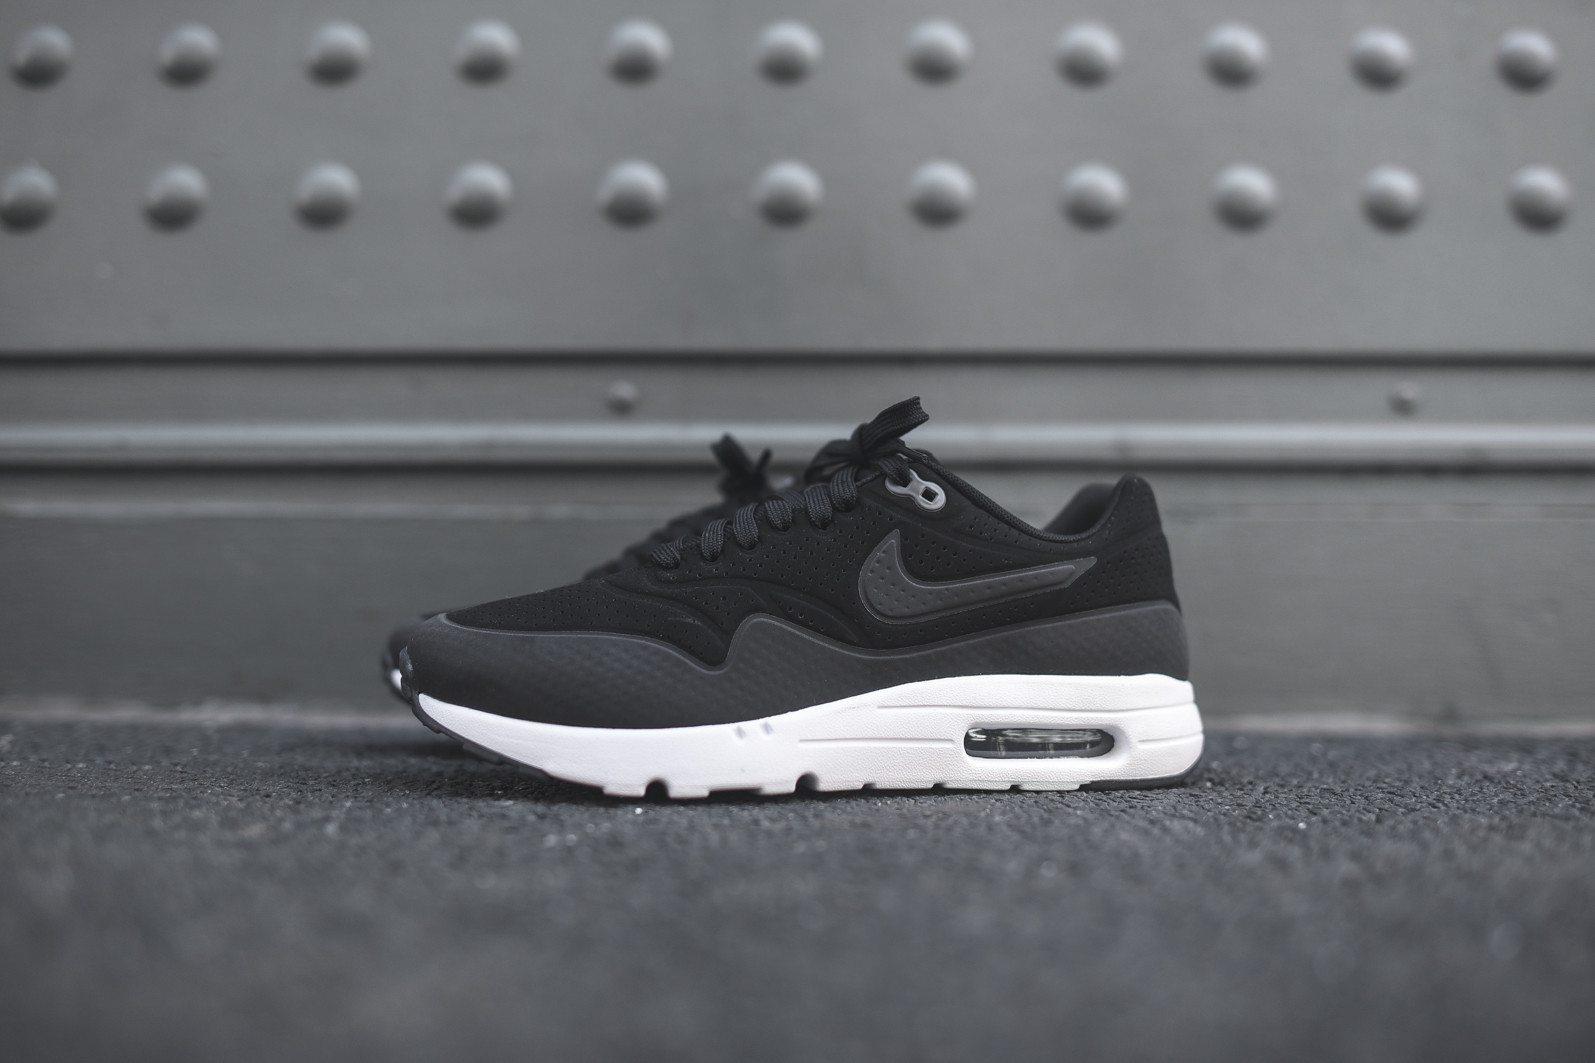 Nike-Air-Max-1-Ultra-Moire-Black-Dark-Gr